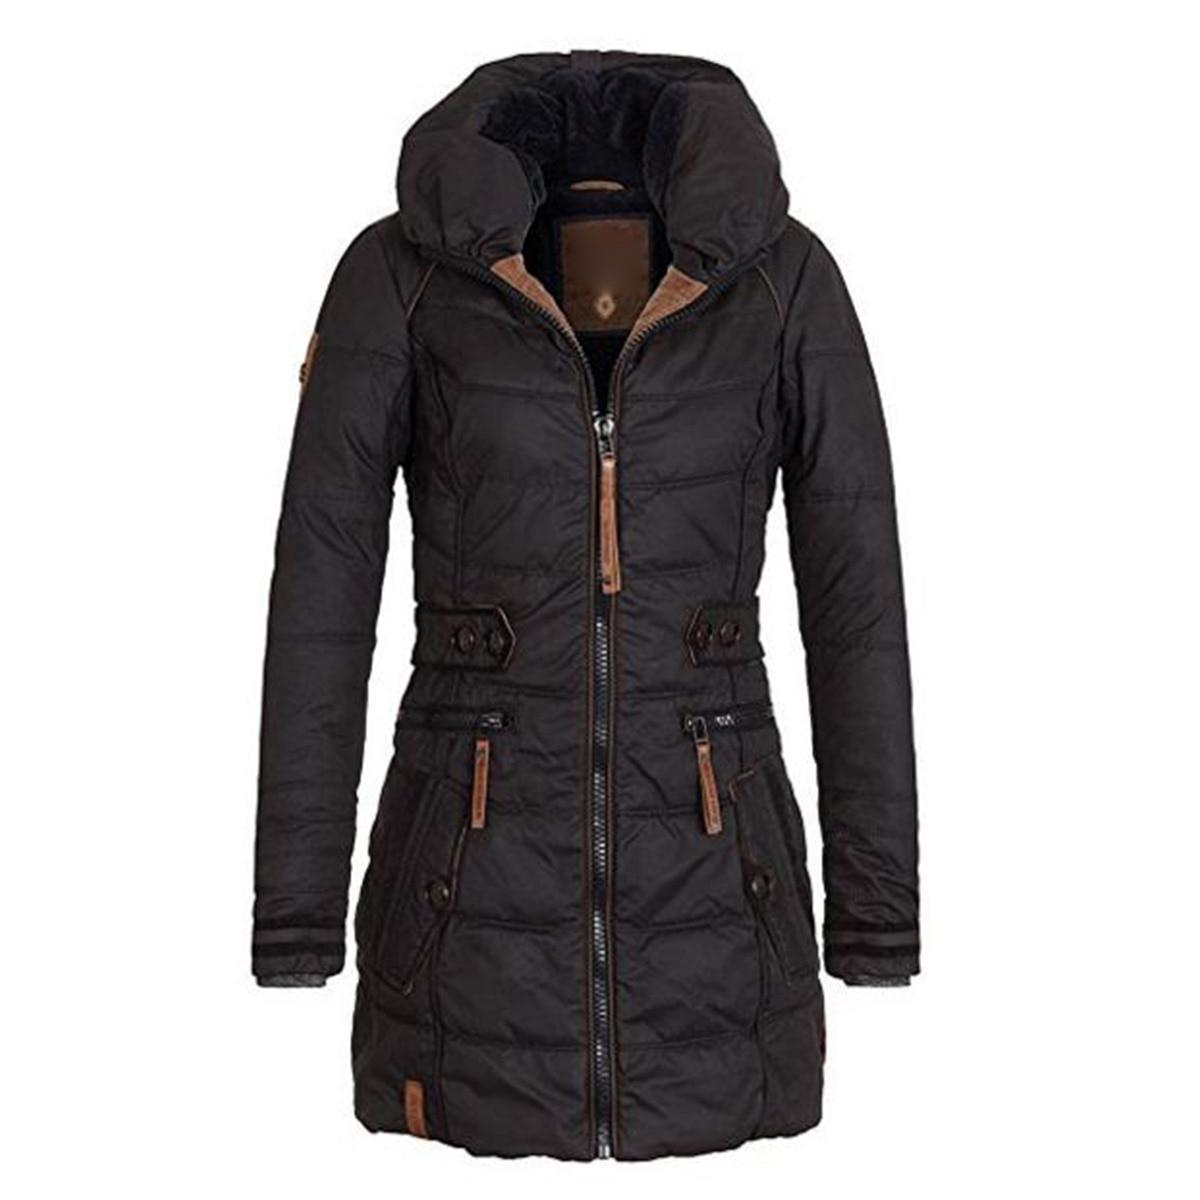 Bohoartist 2018 veste d'hiver femmes manteaux à capuche grande taille Parkas Épaissir Femme Mince Poche À Fermeture Éclair Survêtement décontracté Manteau Chaud